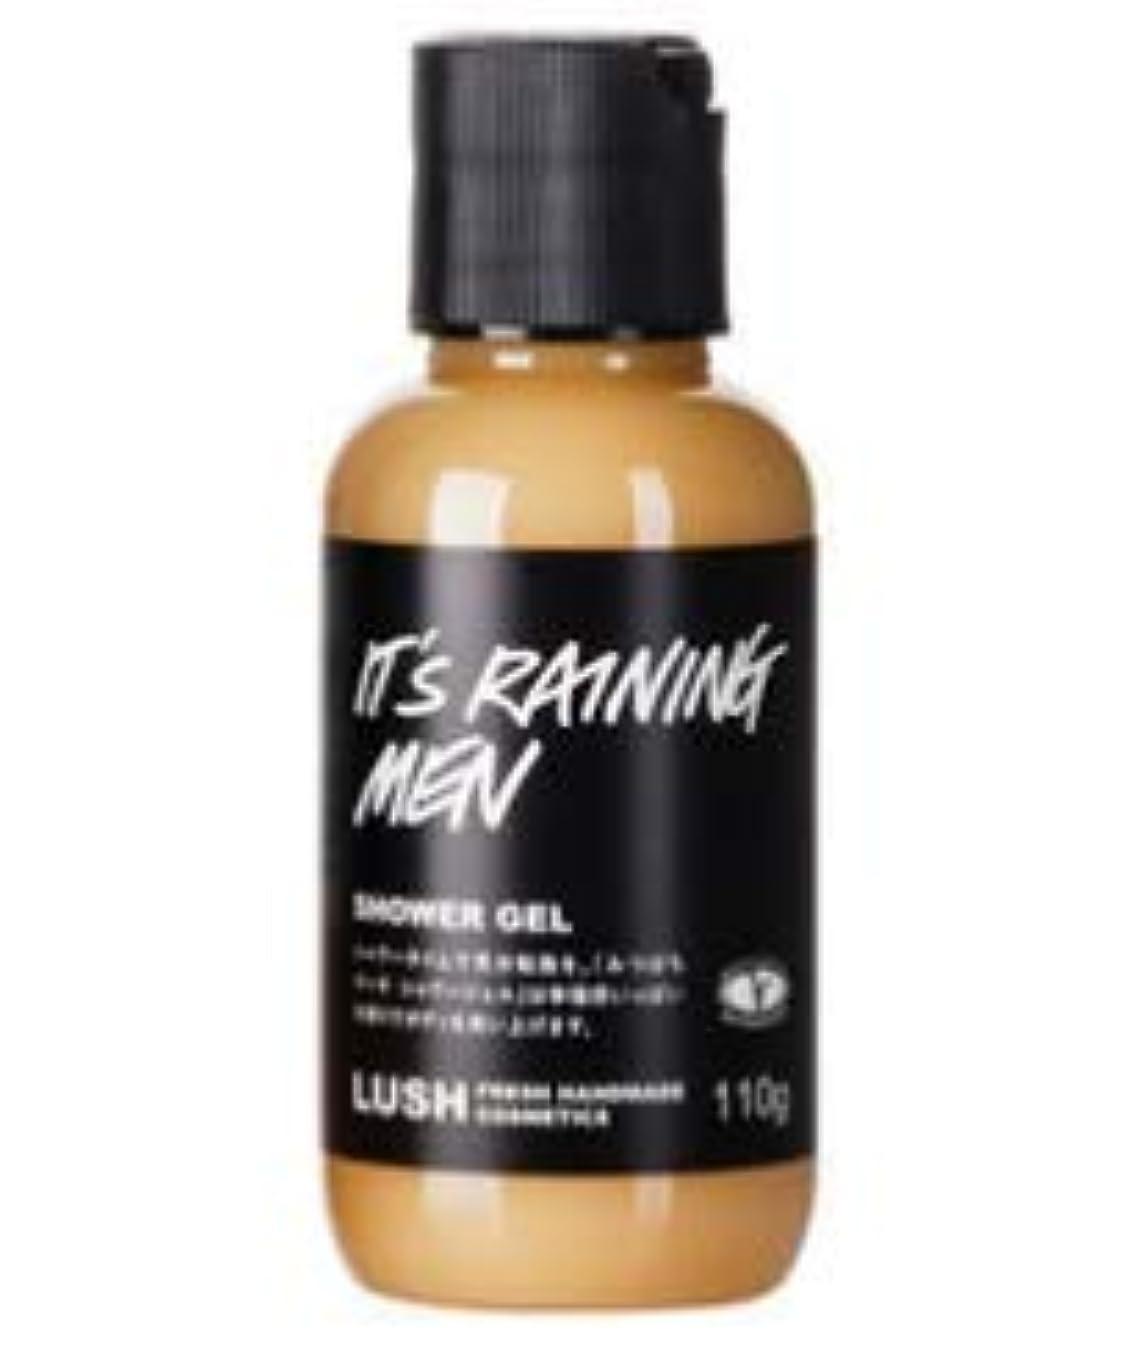 乳フラグラントハチLUSH ラッシュ みつばちマーチ シャワージェル It's Raining Men 甘い香り 浴用化粧品 ボディソープ 自然派化粧品 天然成分 ベルガモット ハチミツ (110g)